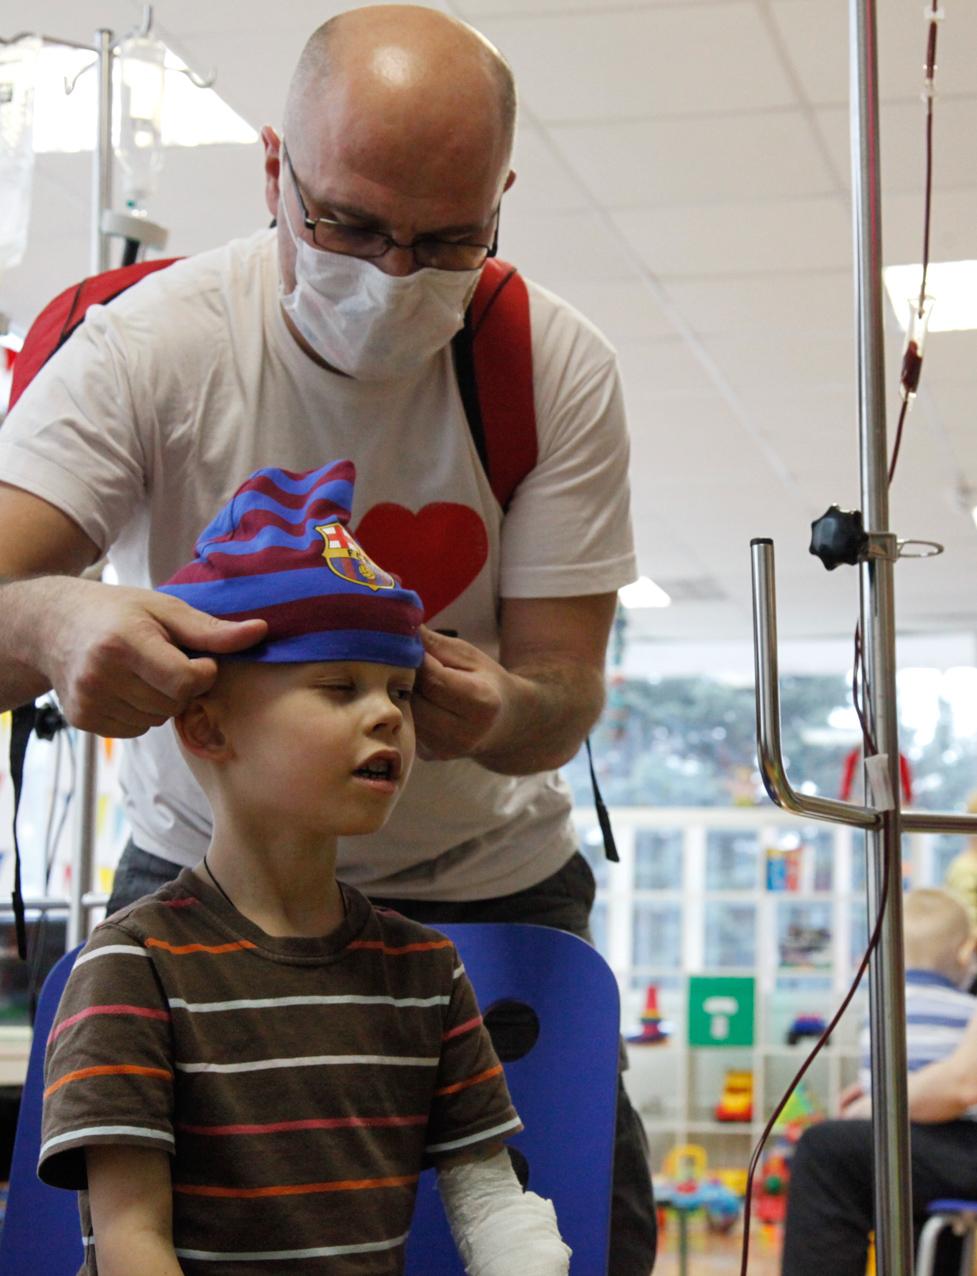 bambino ospedale san pietroburgo